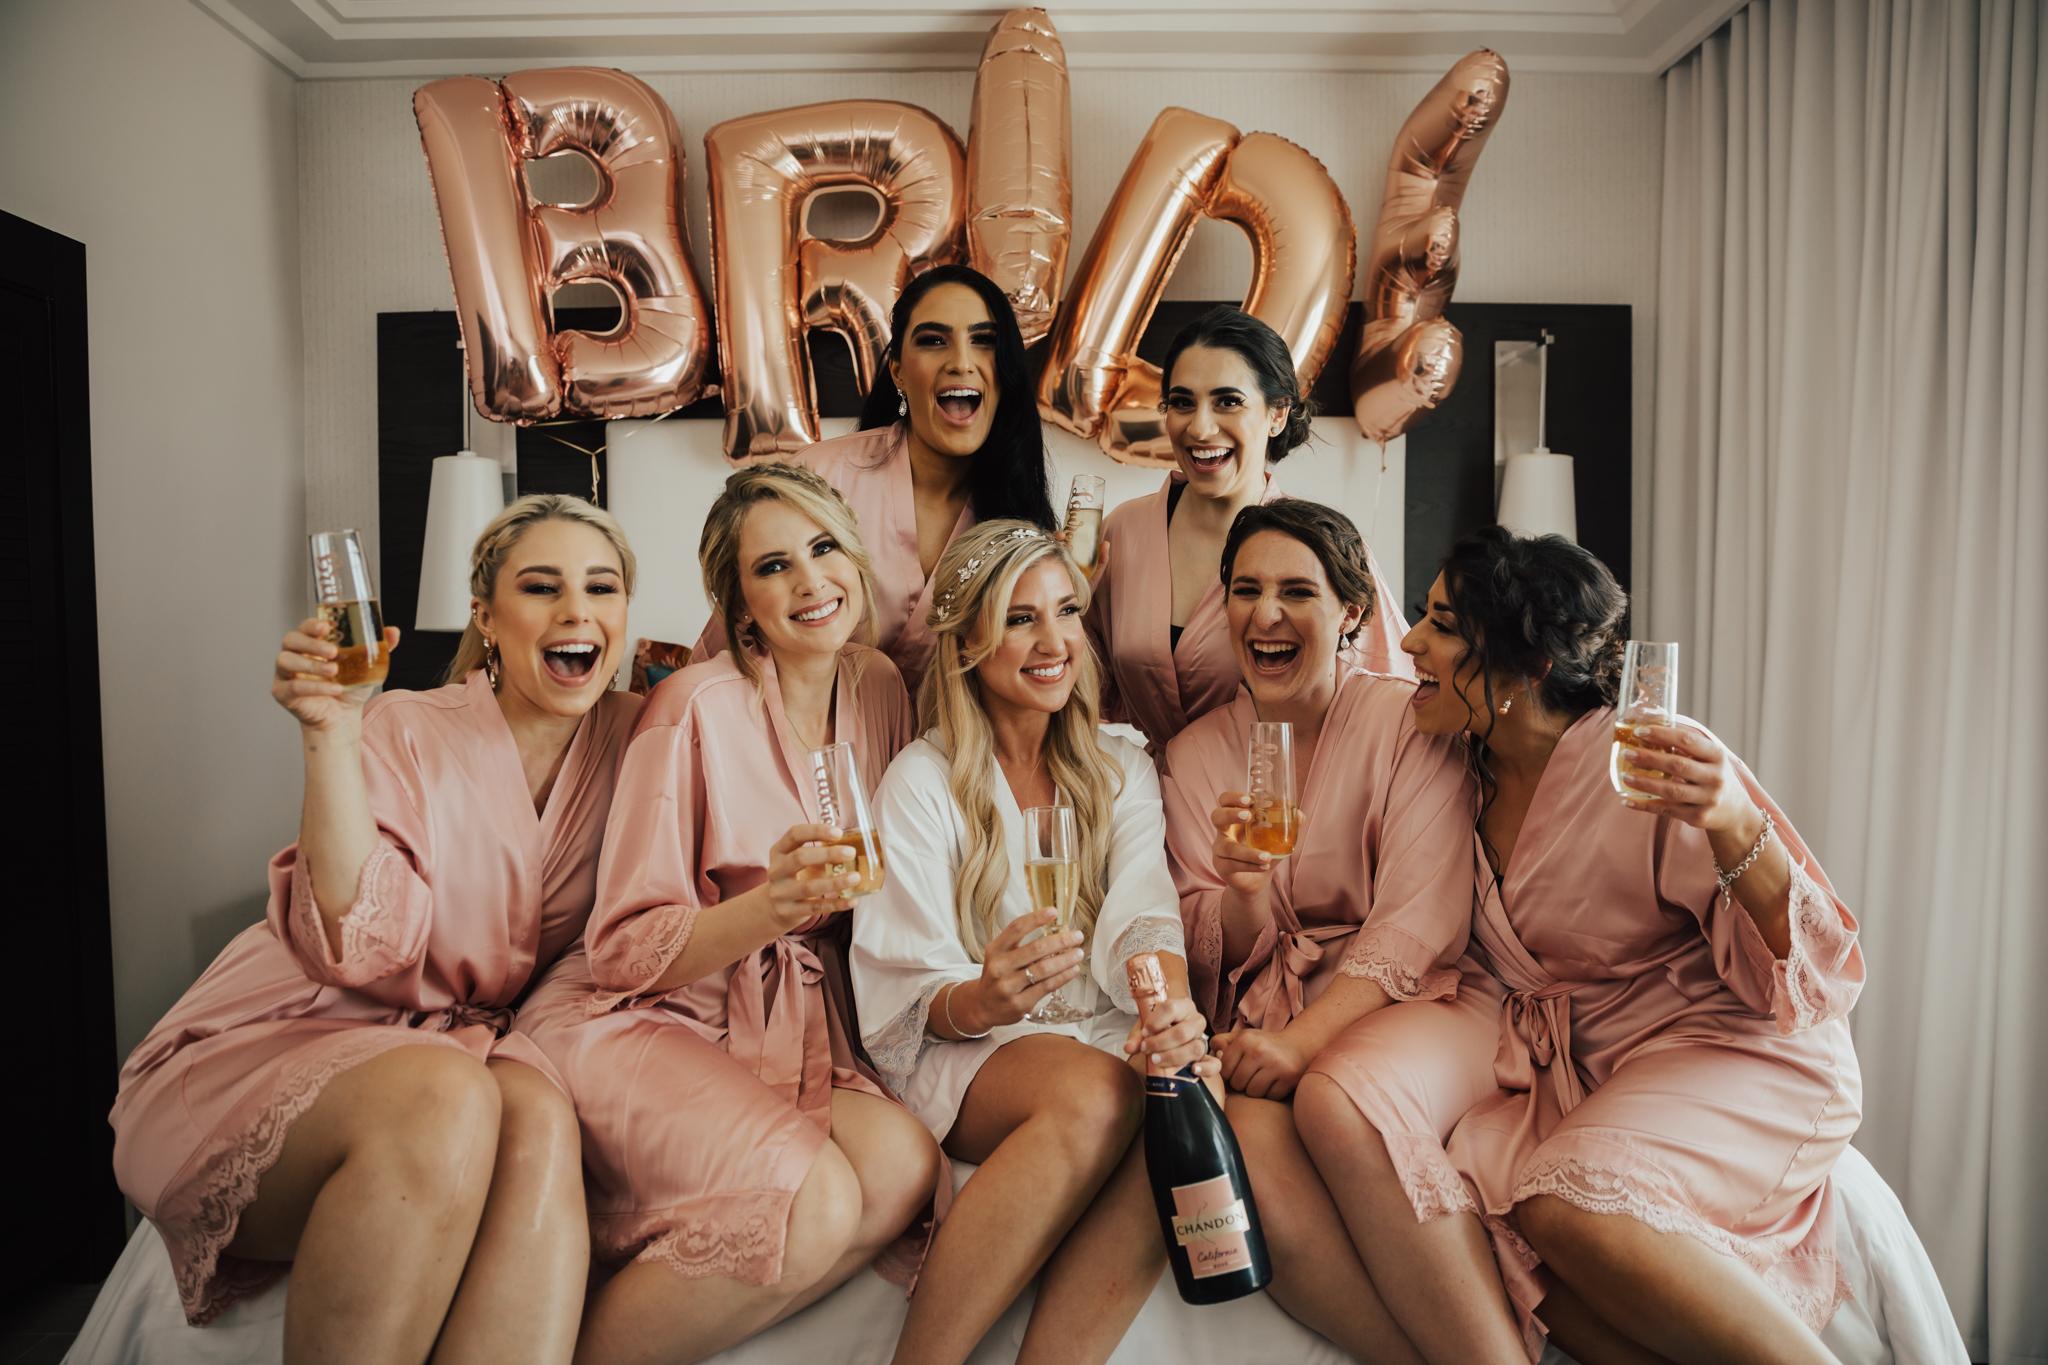 cute getting ready bridesmaids photos